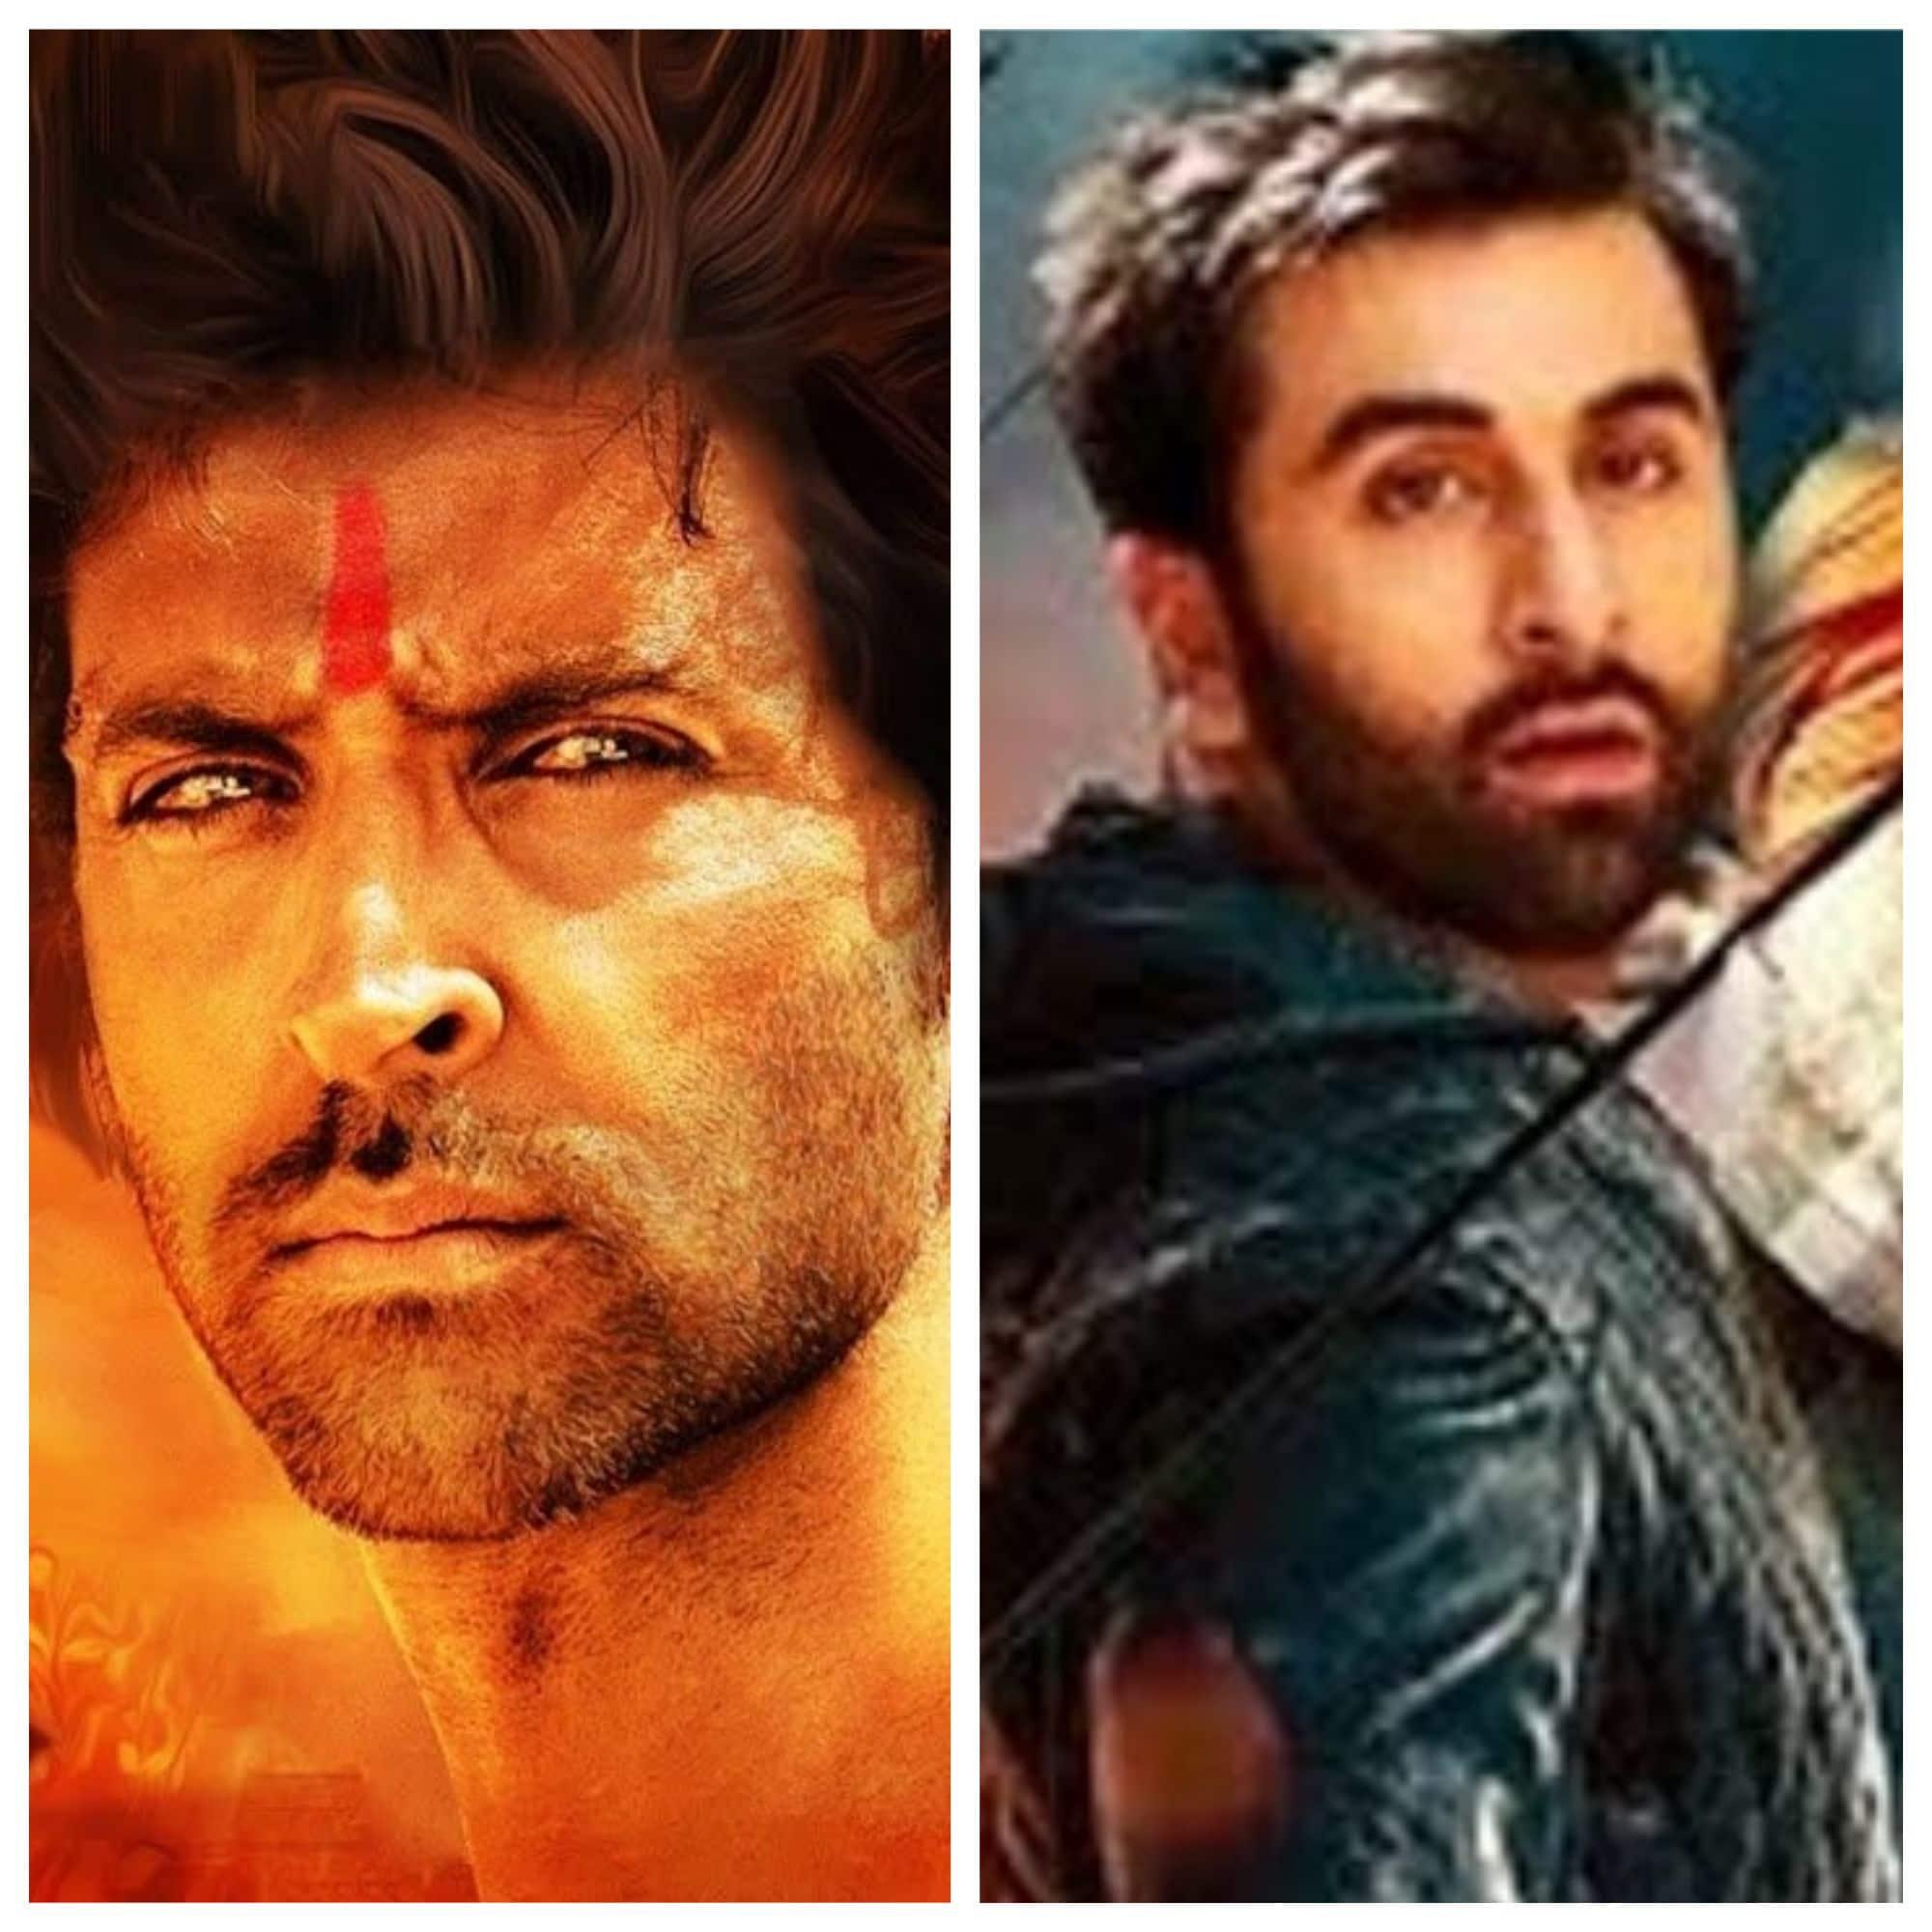 BREAKING: 500 करोड़ी रामायण में राम बनेंगे Ranbir Kapoor!! ऋतिक रोशन के साथ पहली बार होगी टक्कर